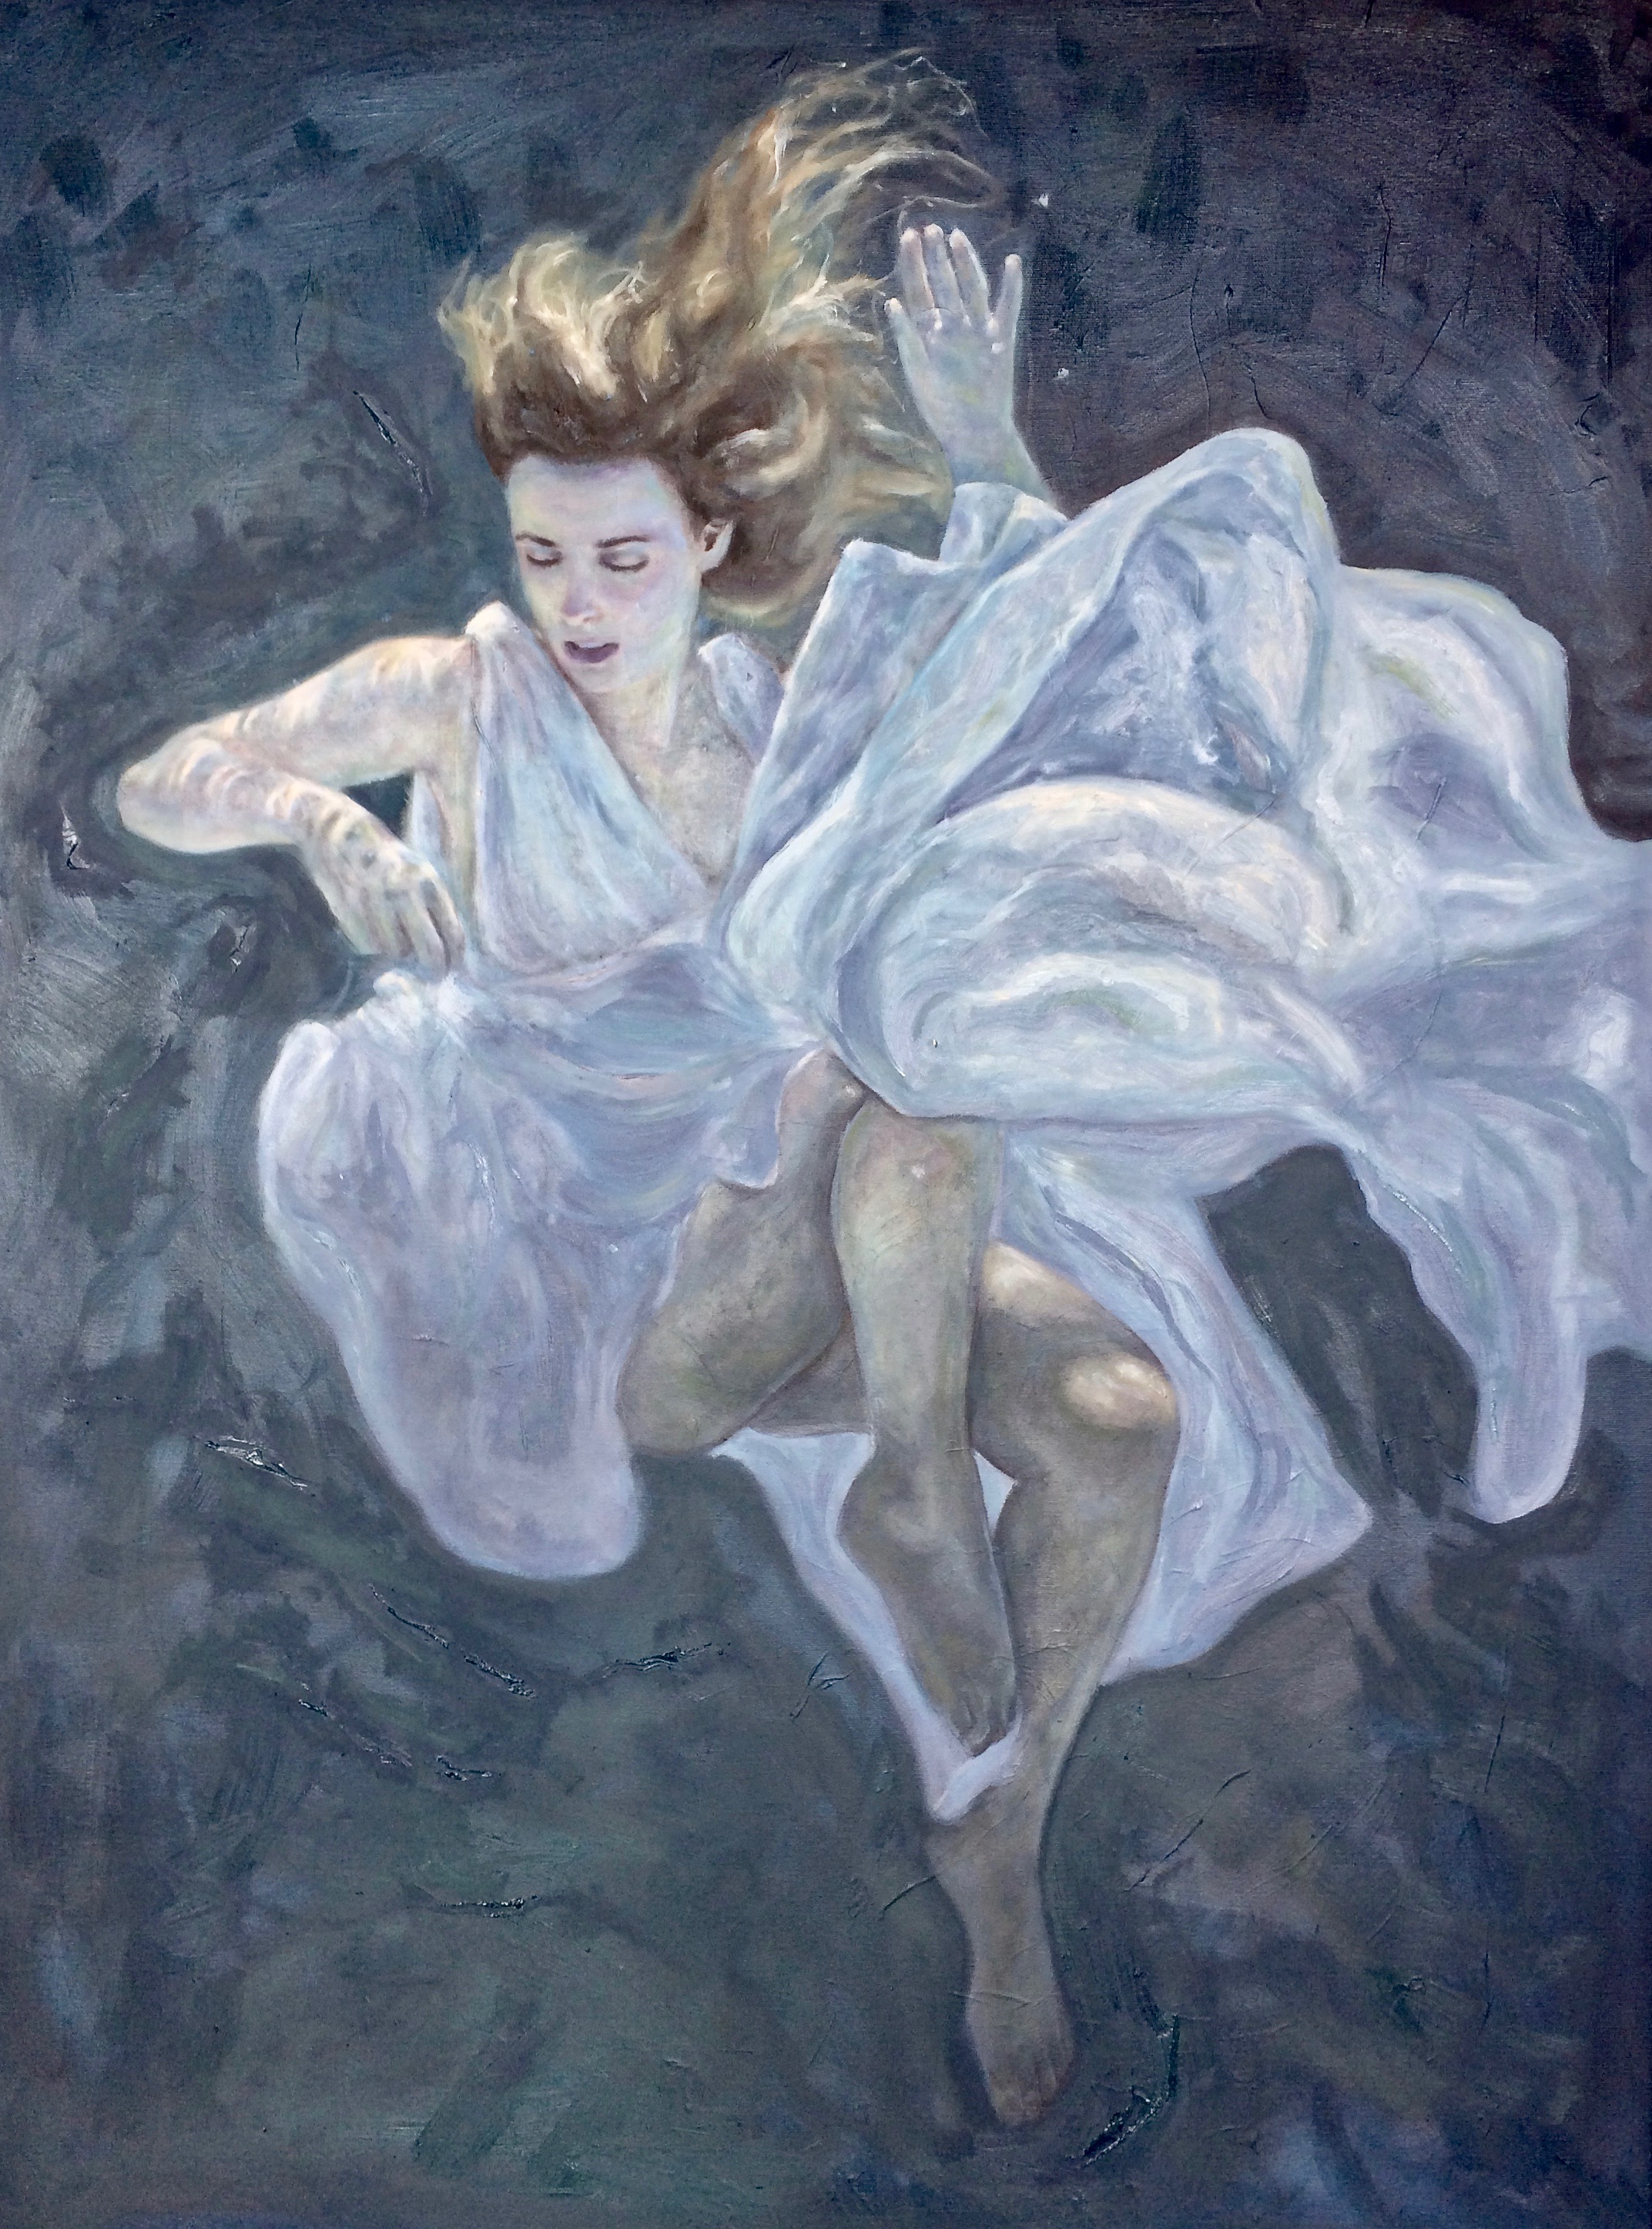 Artist Karash Payne